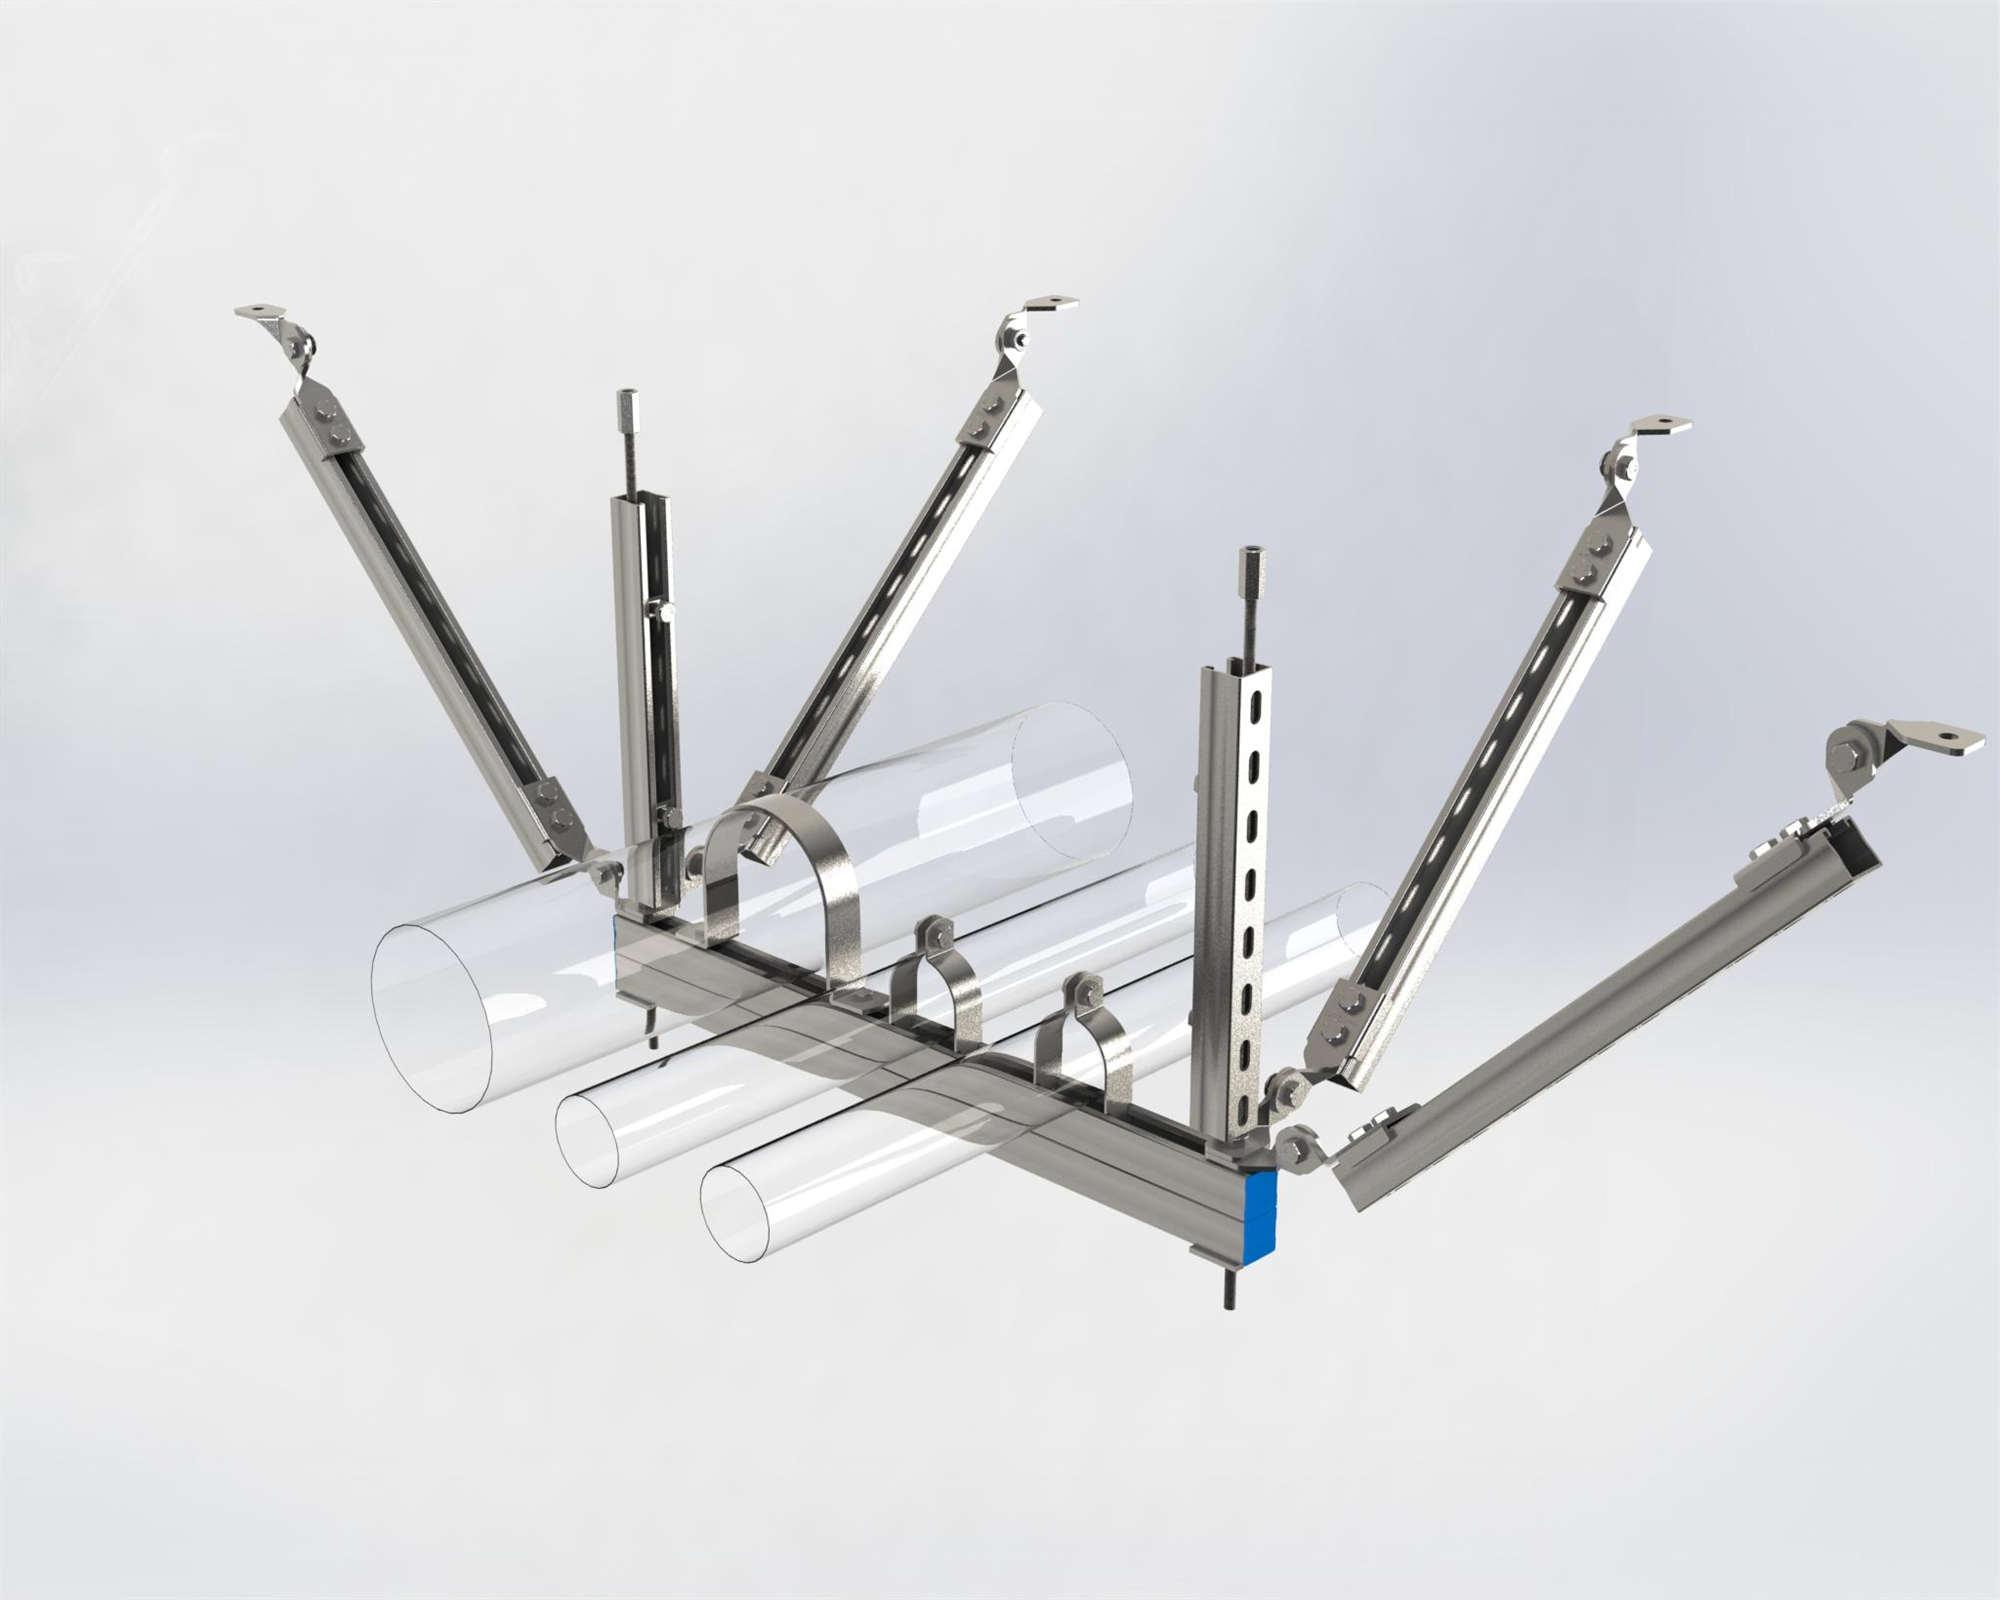 机电安装系统为何要强制配套抗震支吊架?